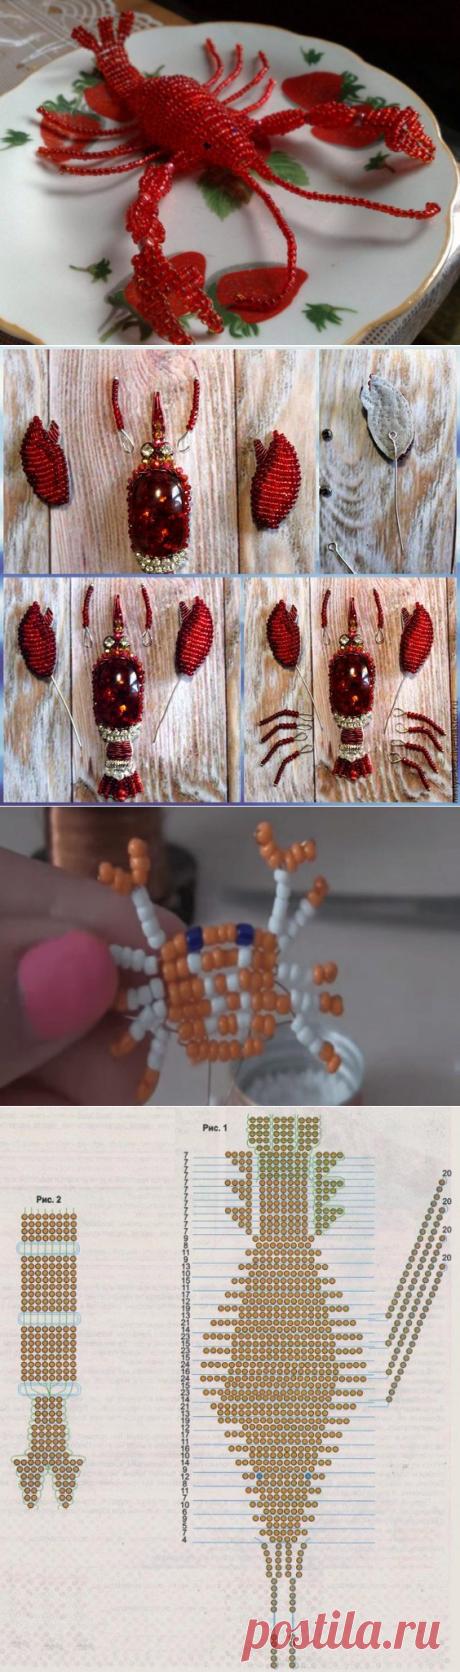 Рак из бисера своими руками ▶ Мастер-класс со схемами и фото | Domigolki.ru